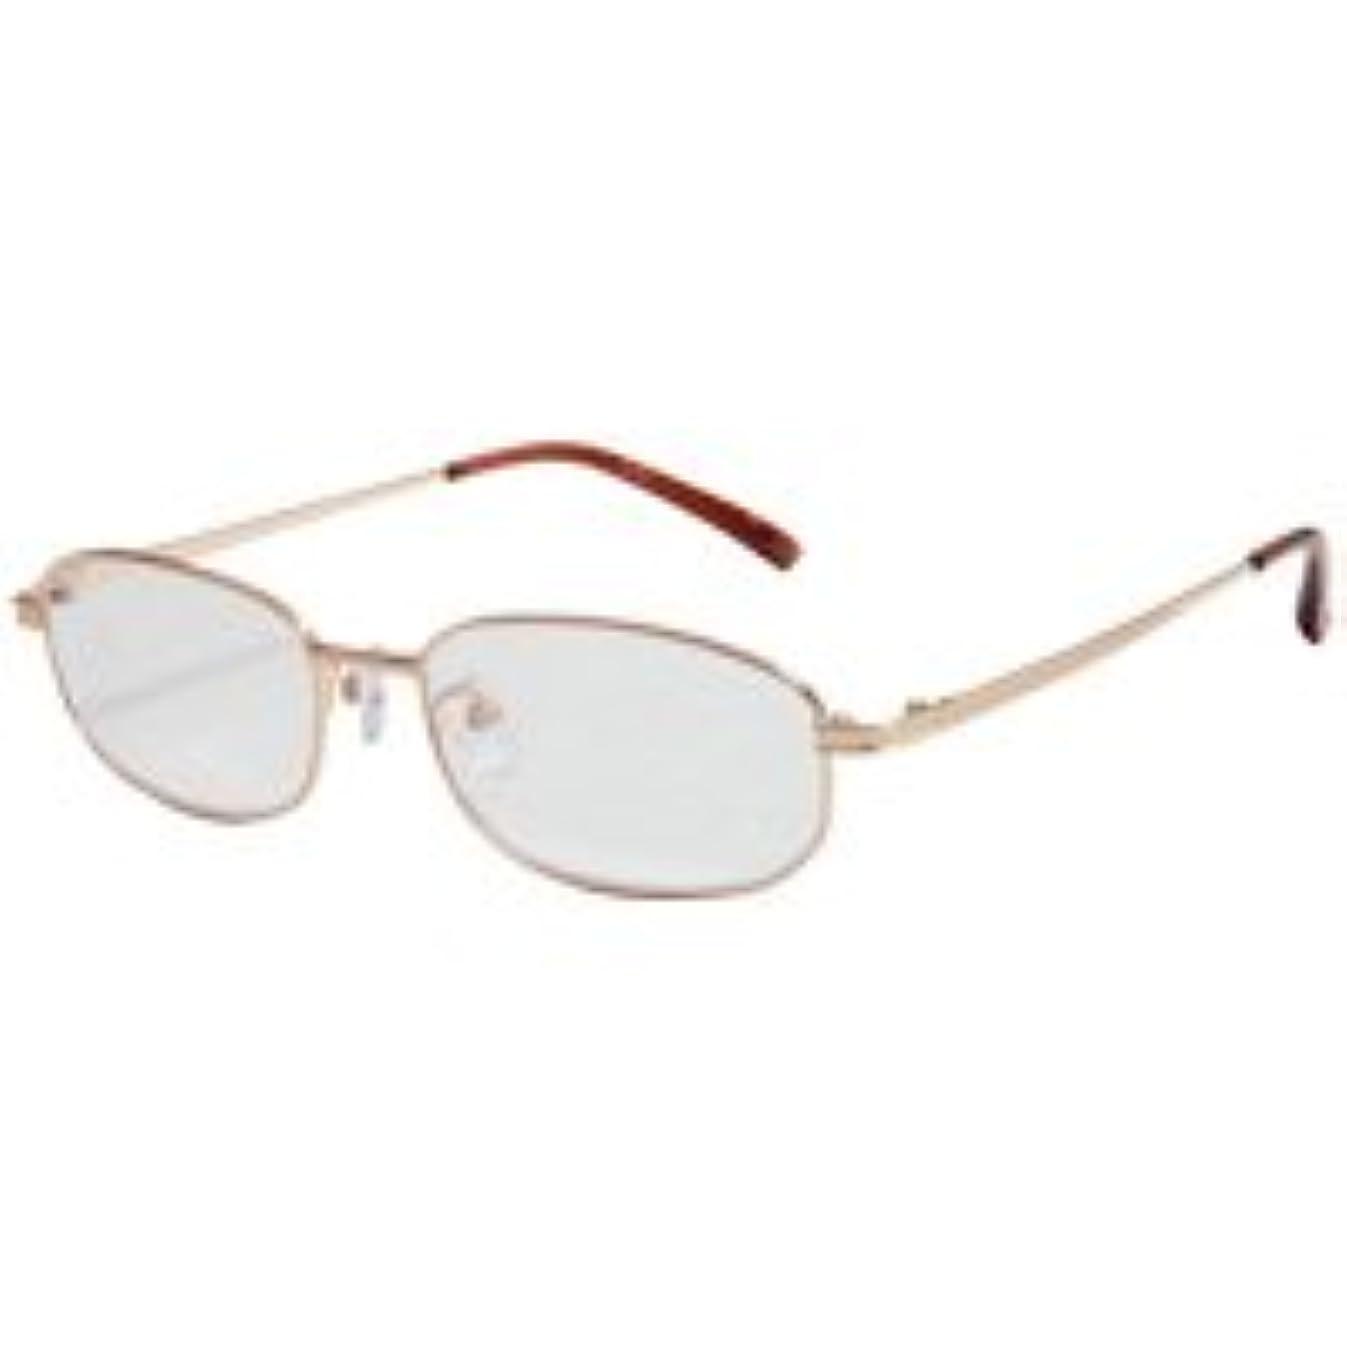 老眼鏡 110 リーディンググラス シニアグラス 【「+6.0」のみ】 +6.0